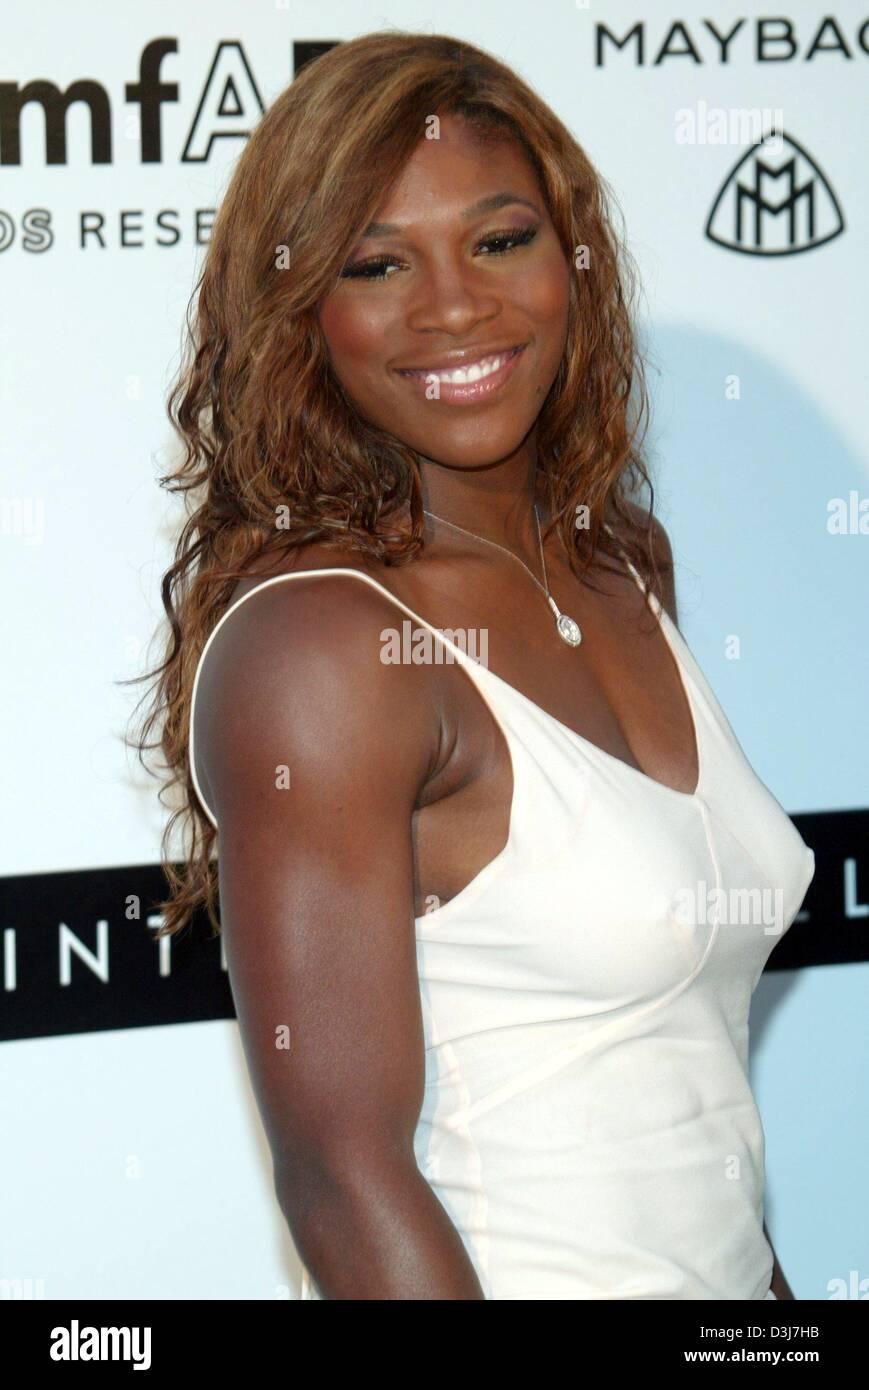 (Dpa) - La tenista estadounidense Serena Williams sonríe al cine amfAR contra el SIDA evento de caridad en el Moulin de Mougins, cerca de Cannes, Francia, el 20 de mayo de 2004. Foto de stock